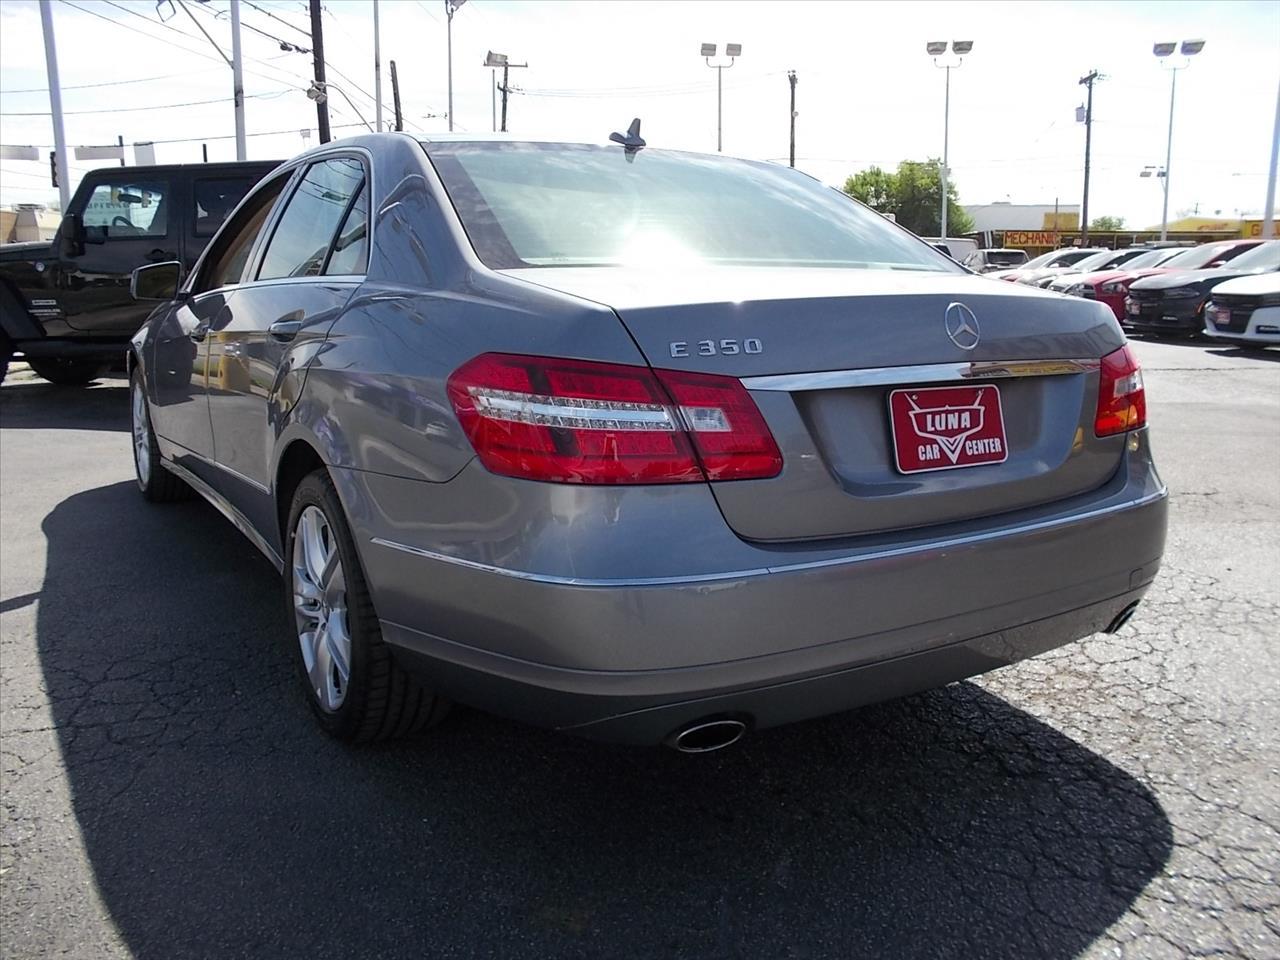 All Types 2011 e class : 2011 Mercedes-Benz E-Class E350 In San Antonio TX - LUNA CAR CENTER